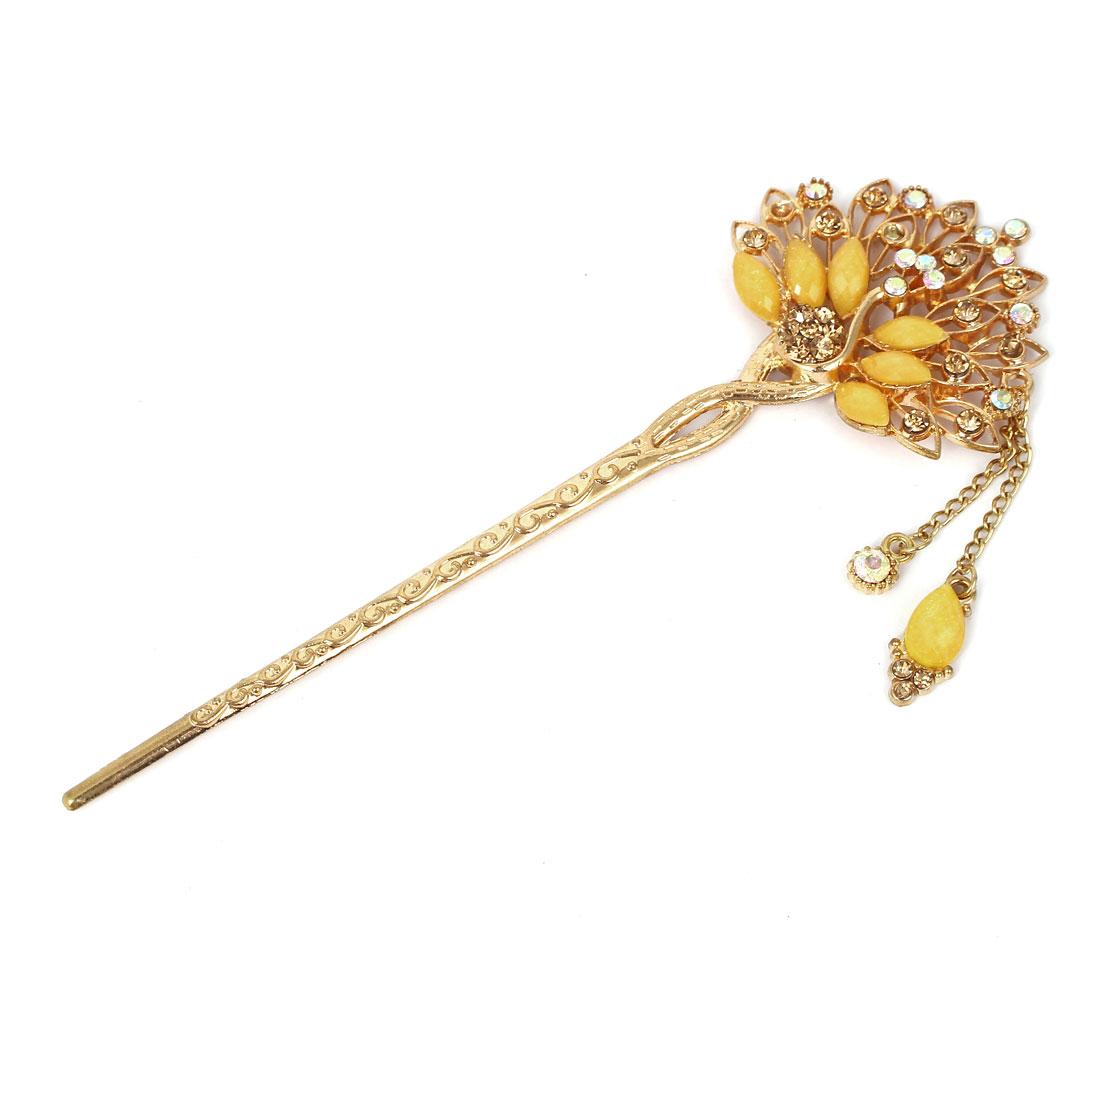 Women Faux Rhinestone Decor Peacock Shape Dangling Hairpin Hair Stick Gold Tone Yellow